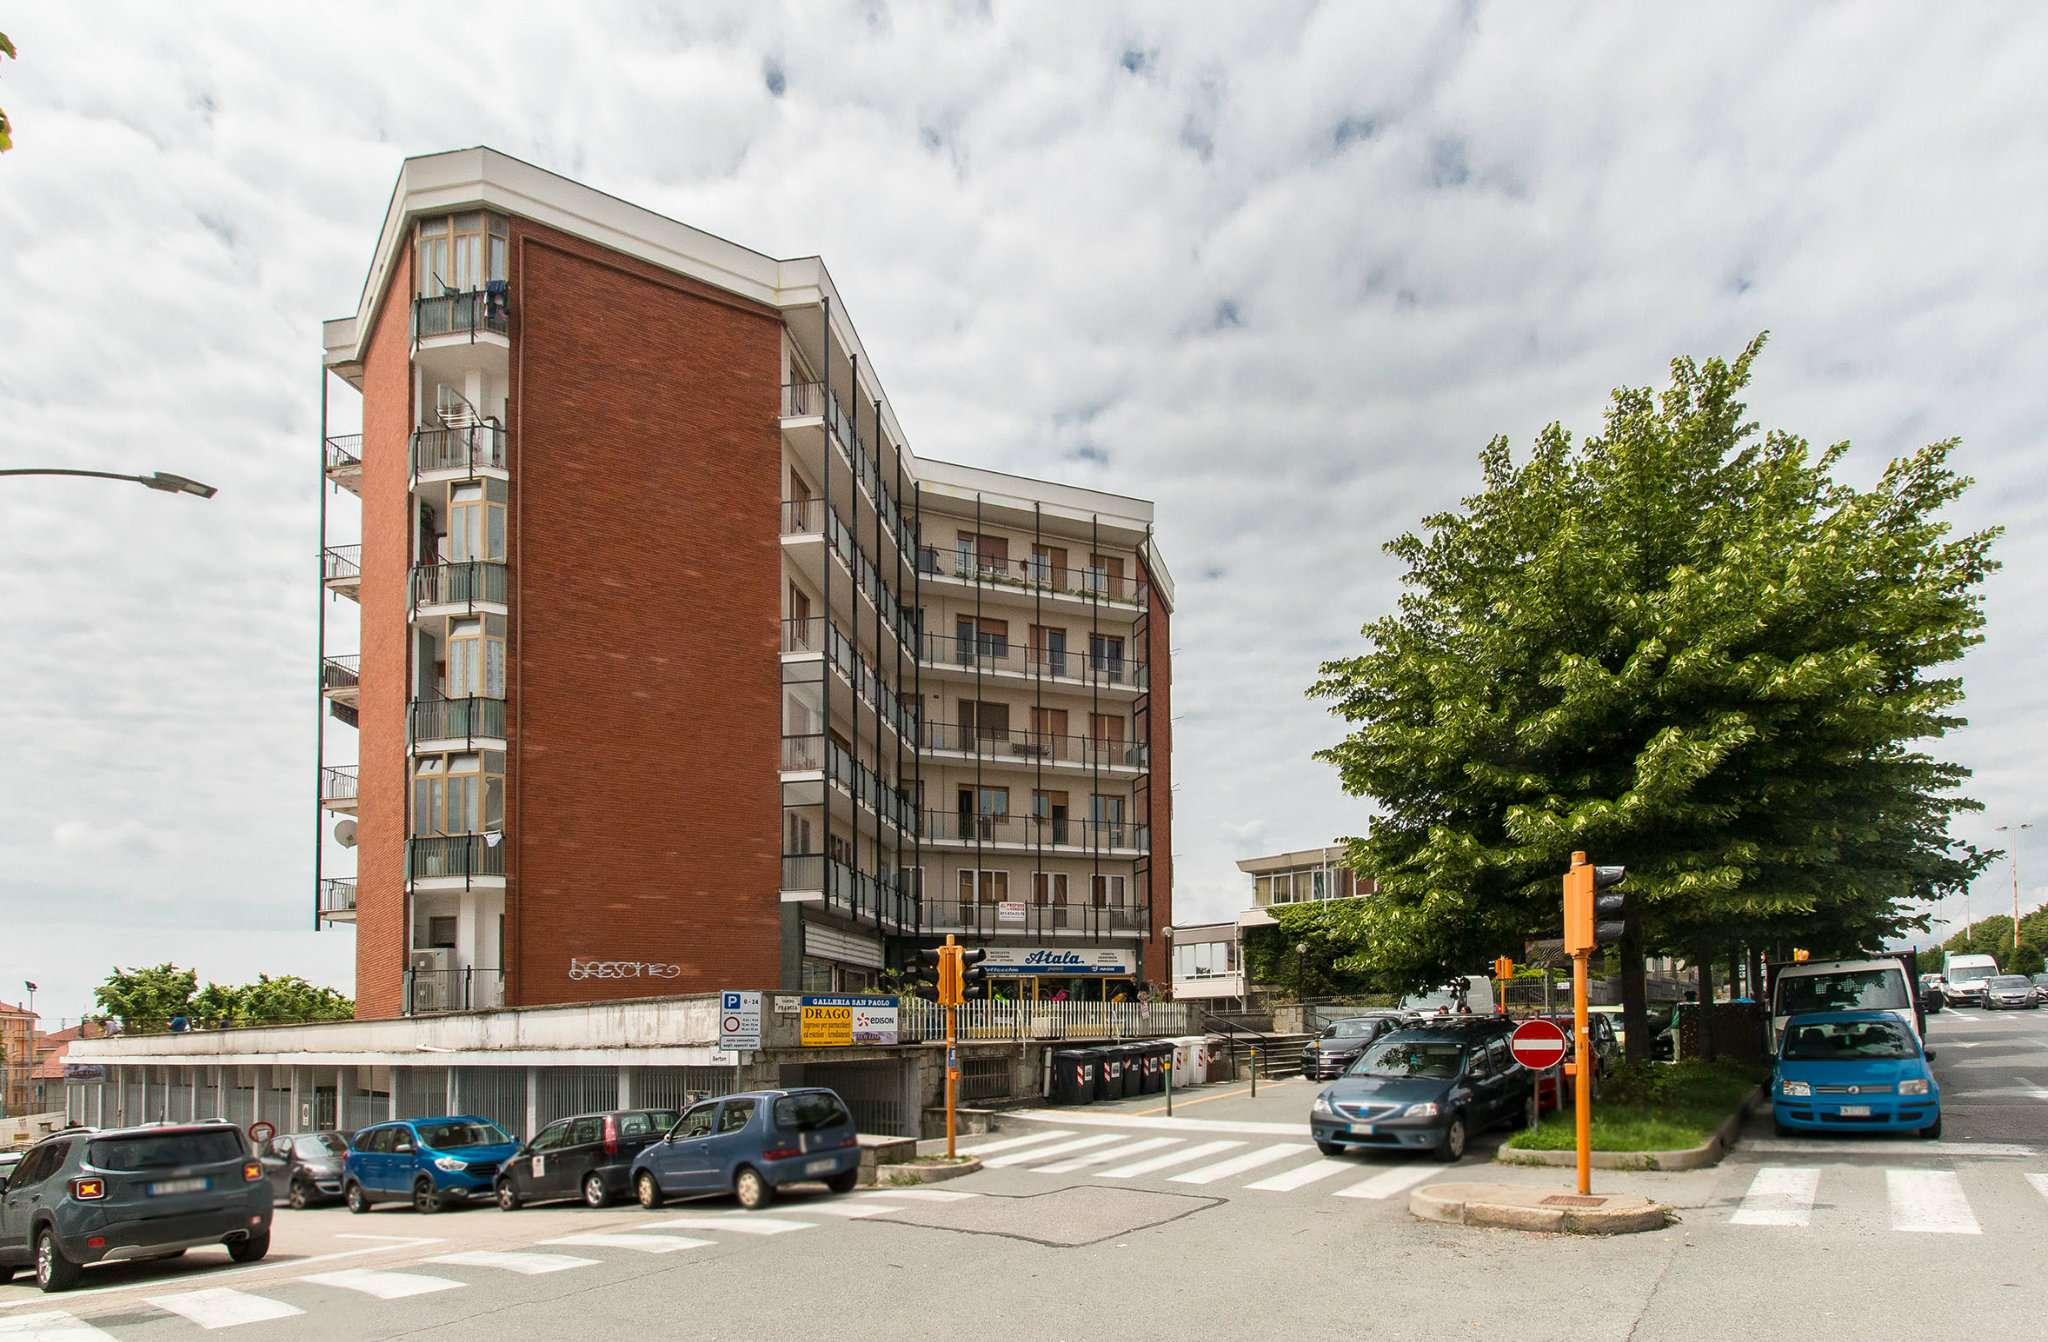 Immagine immobiliare RIVOLI - CORSO FRANCIA AMPIO TRILOCALE CON BOX RIVOLI - CORSO FRANCIA (pressi Nuovo Comune) , in zona comoda a tutti i servizi, nel